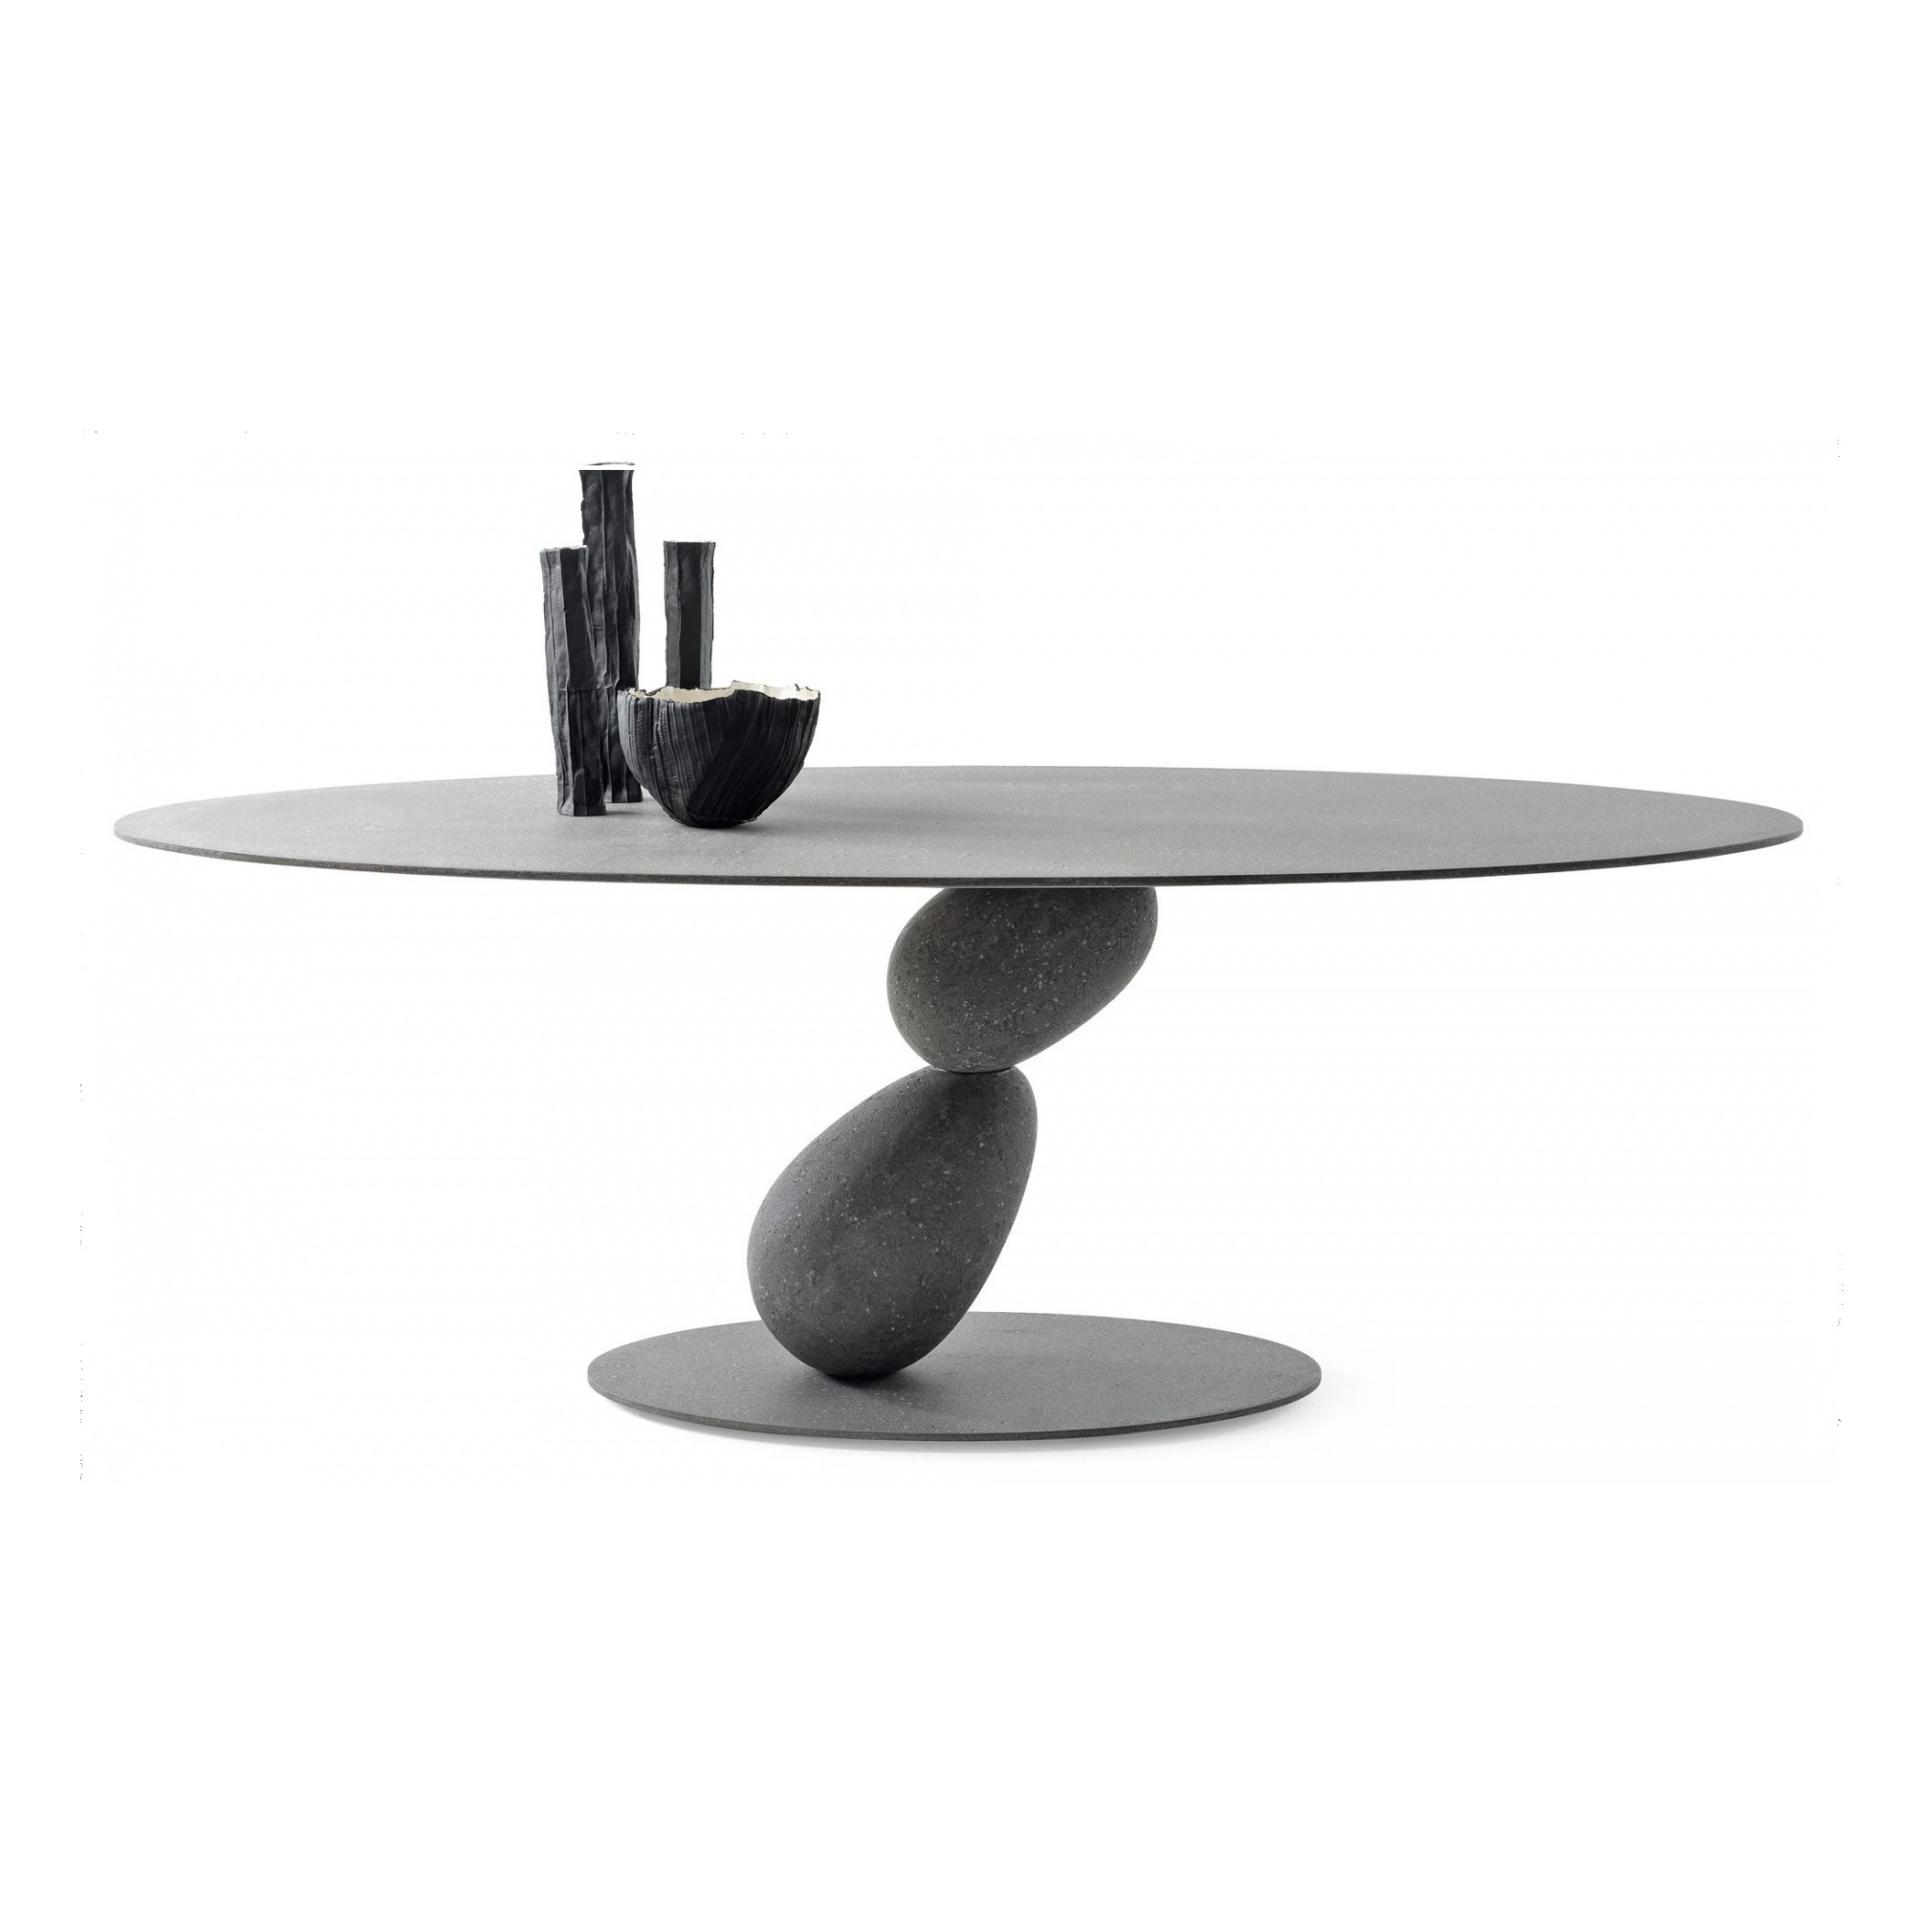 Mogg designové jídelní stoly Matera Ovale (180 x 110 cm)